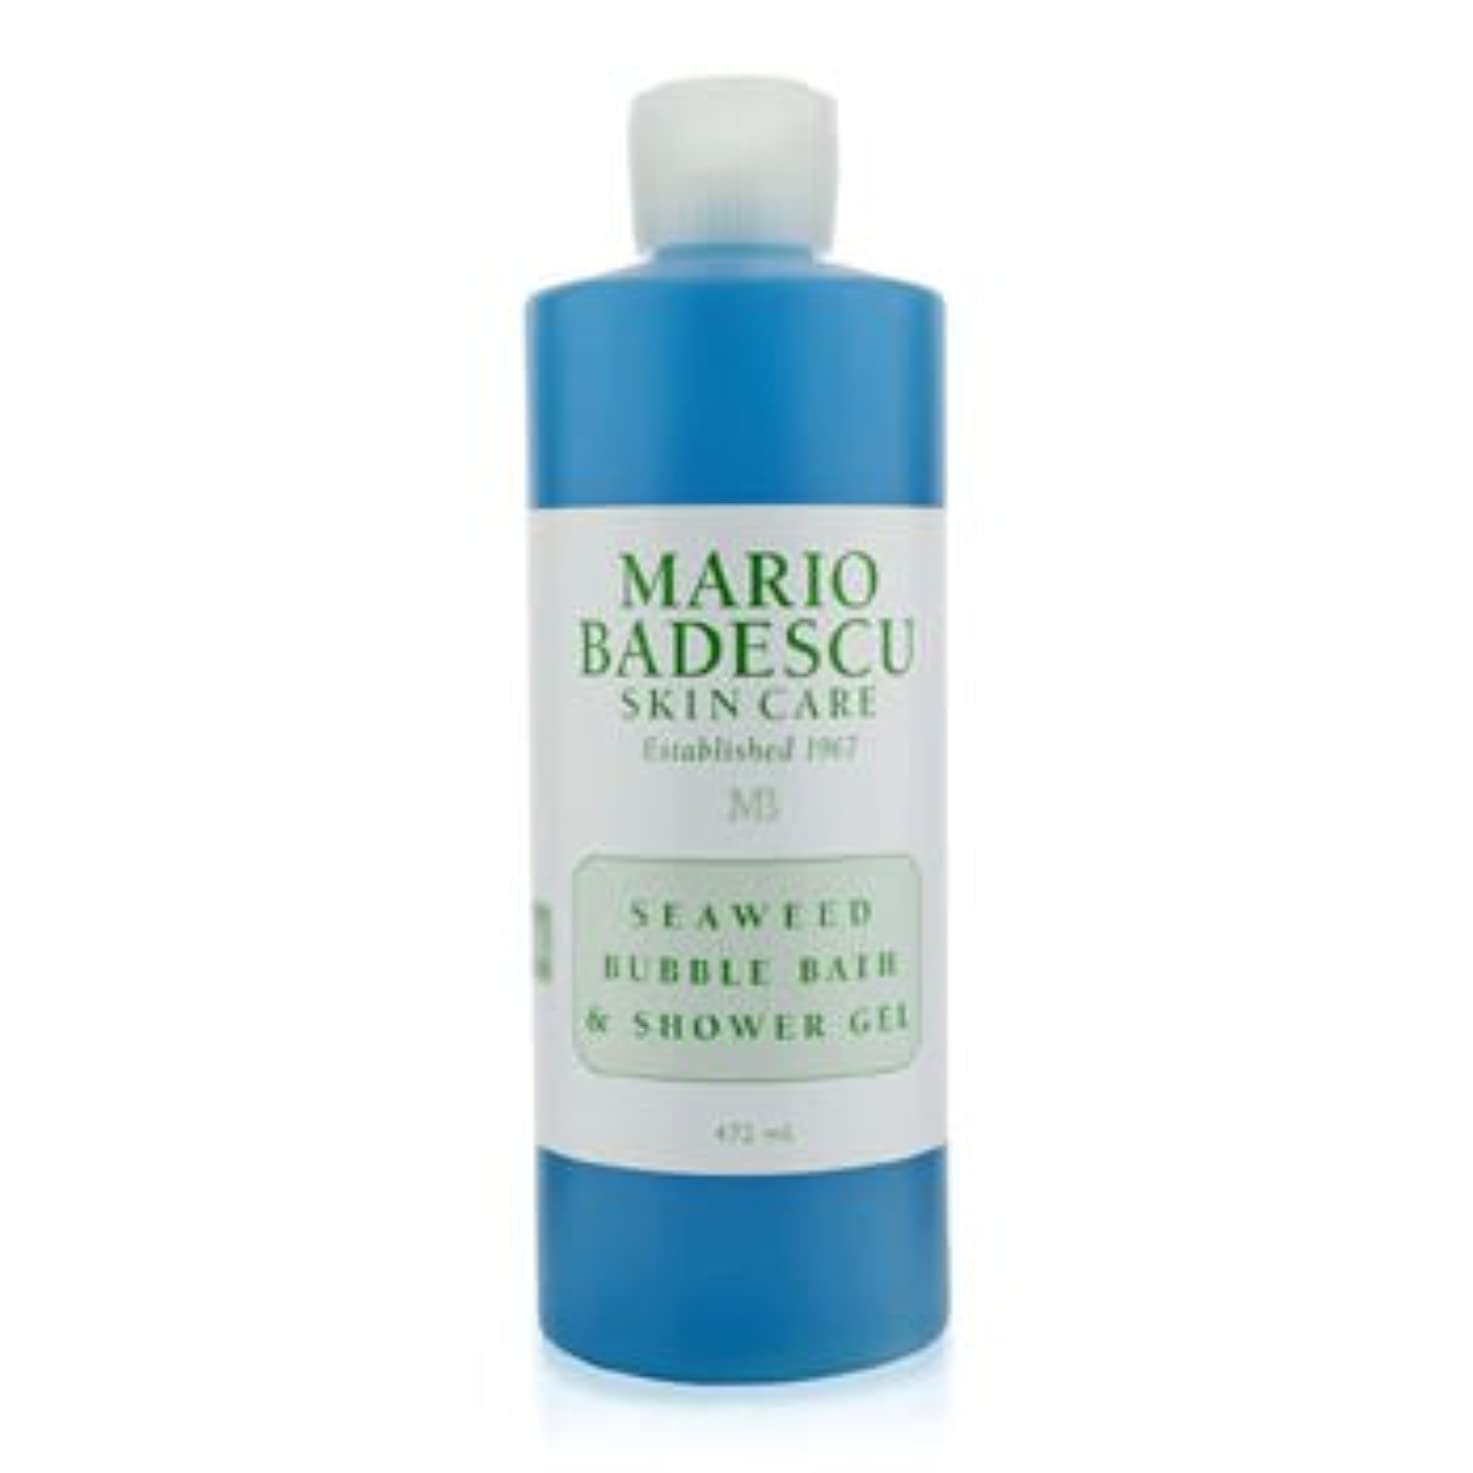 教えダーツ死傷者[Mario Badescu] Seaweed Bubble Bath & Shower Gel 472ml/16oz